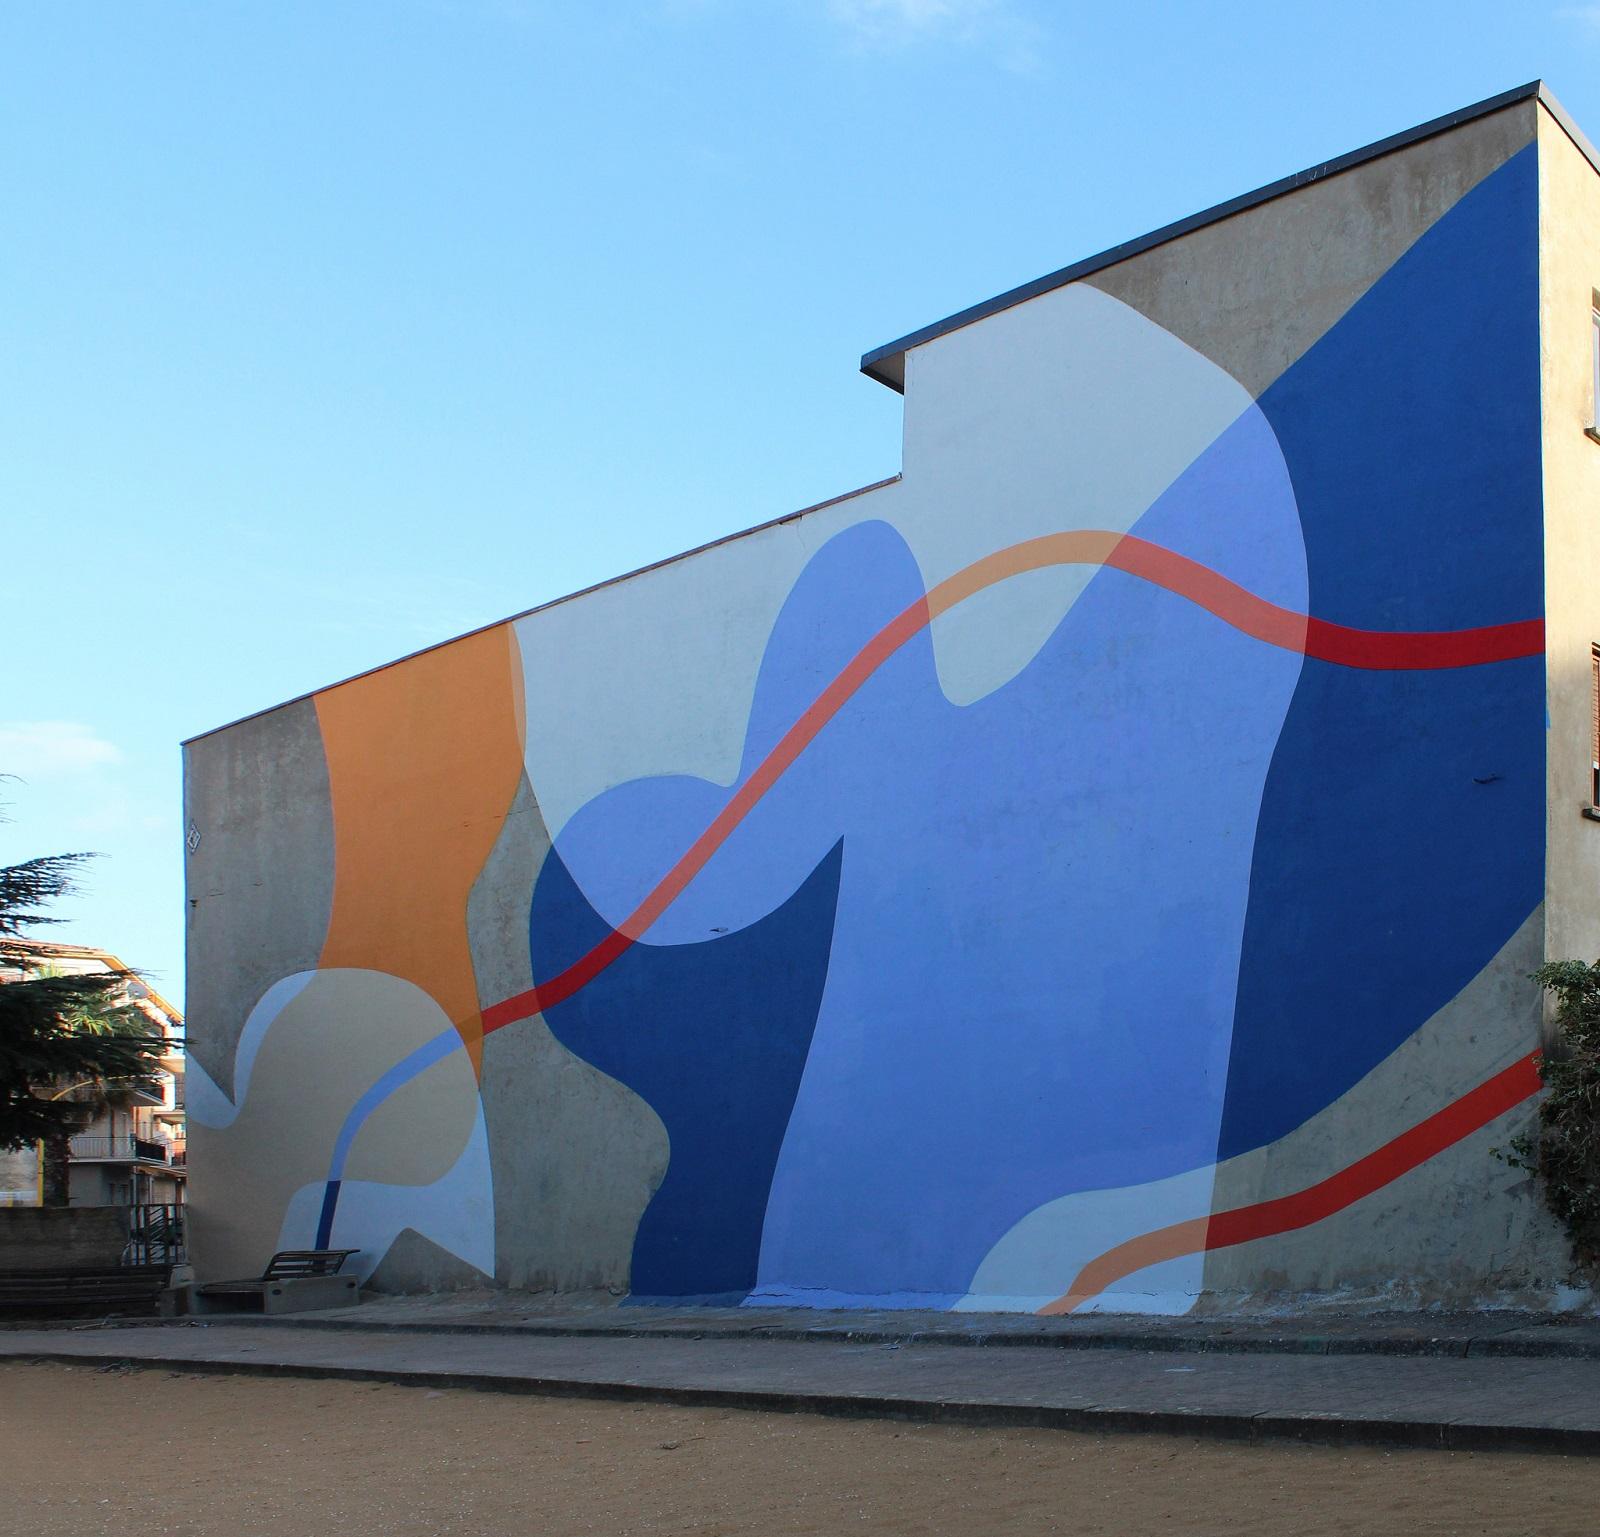 gue-new-murals-in-castrofilippo-and-modica-05